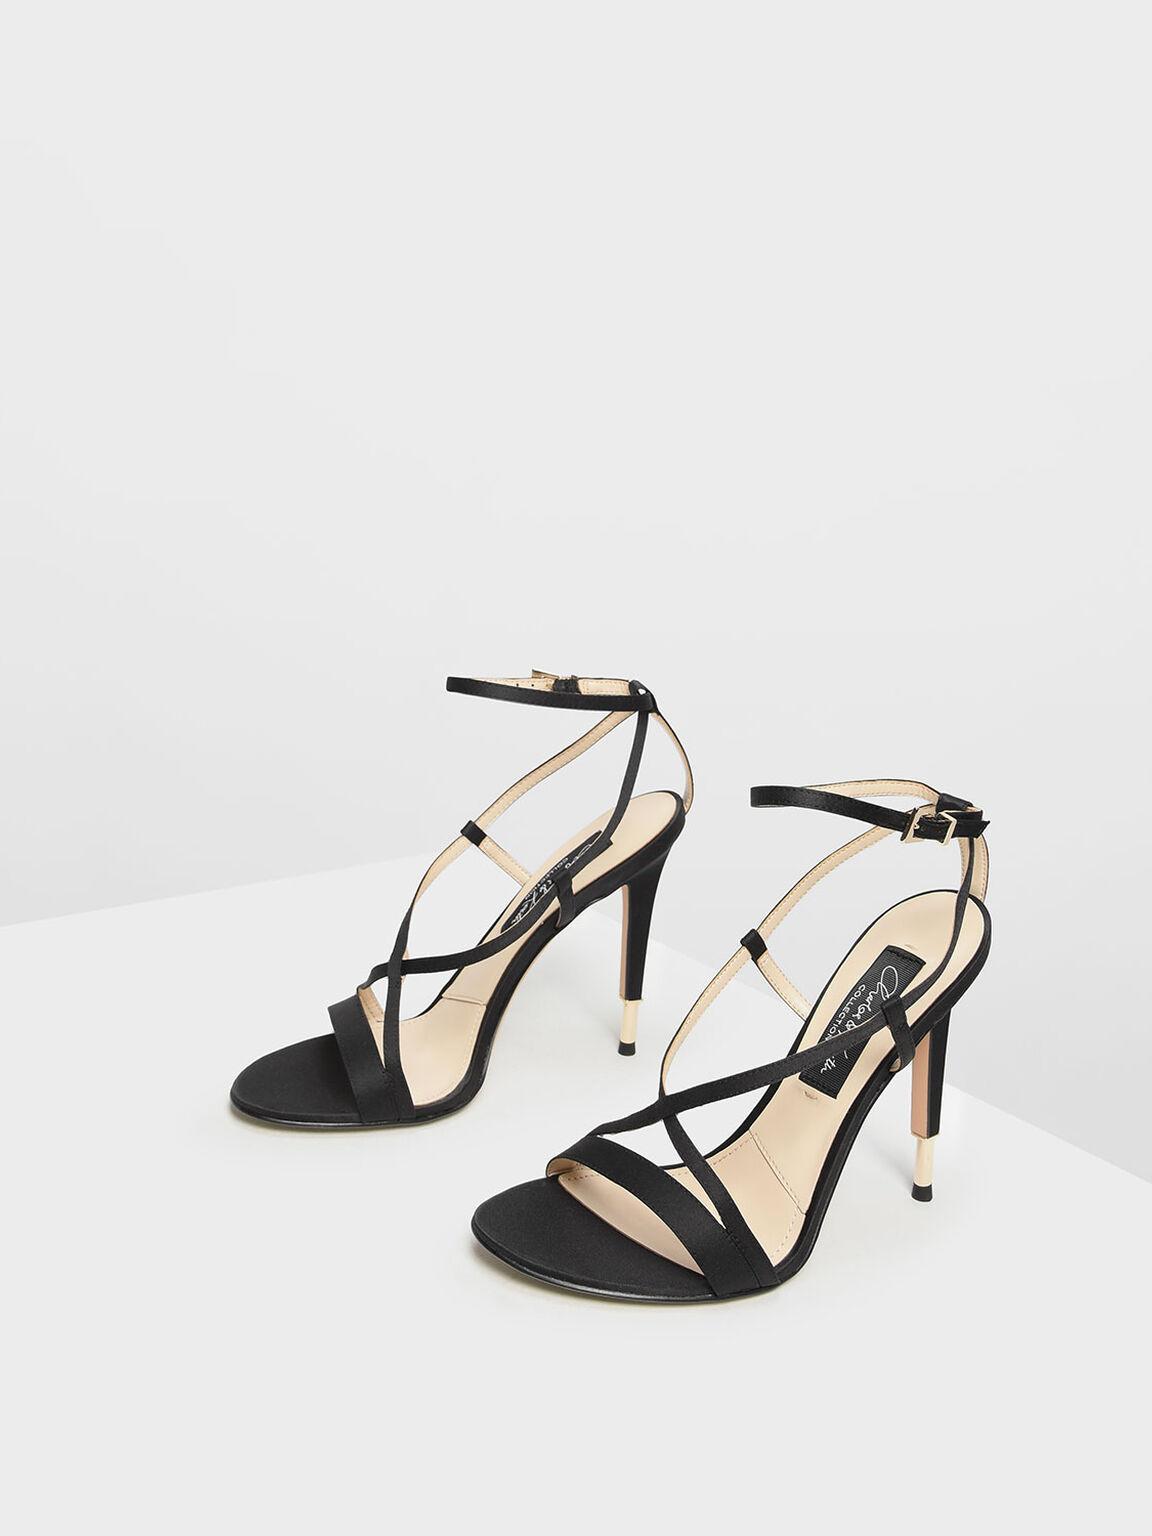 Satin Criss Cross Sandals, Black, hi-res